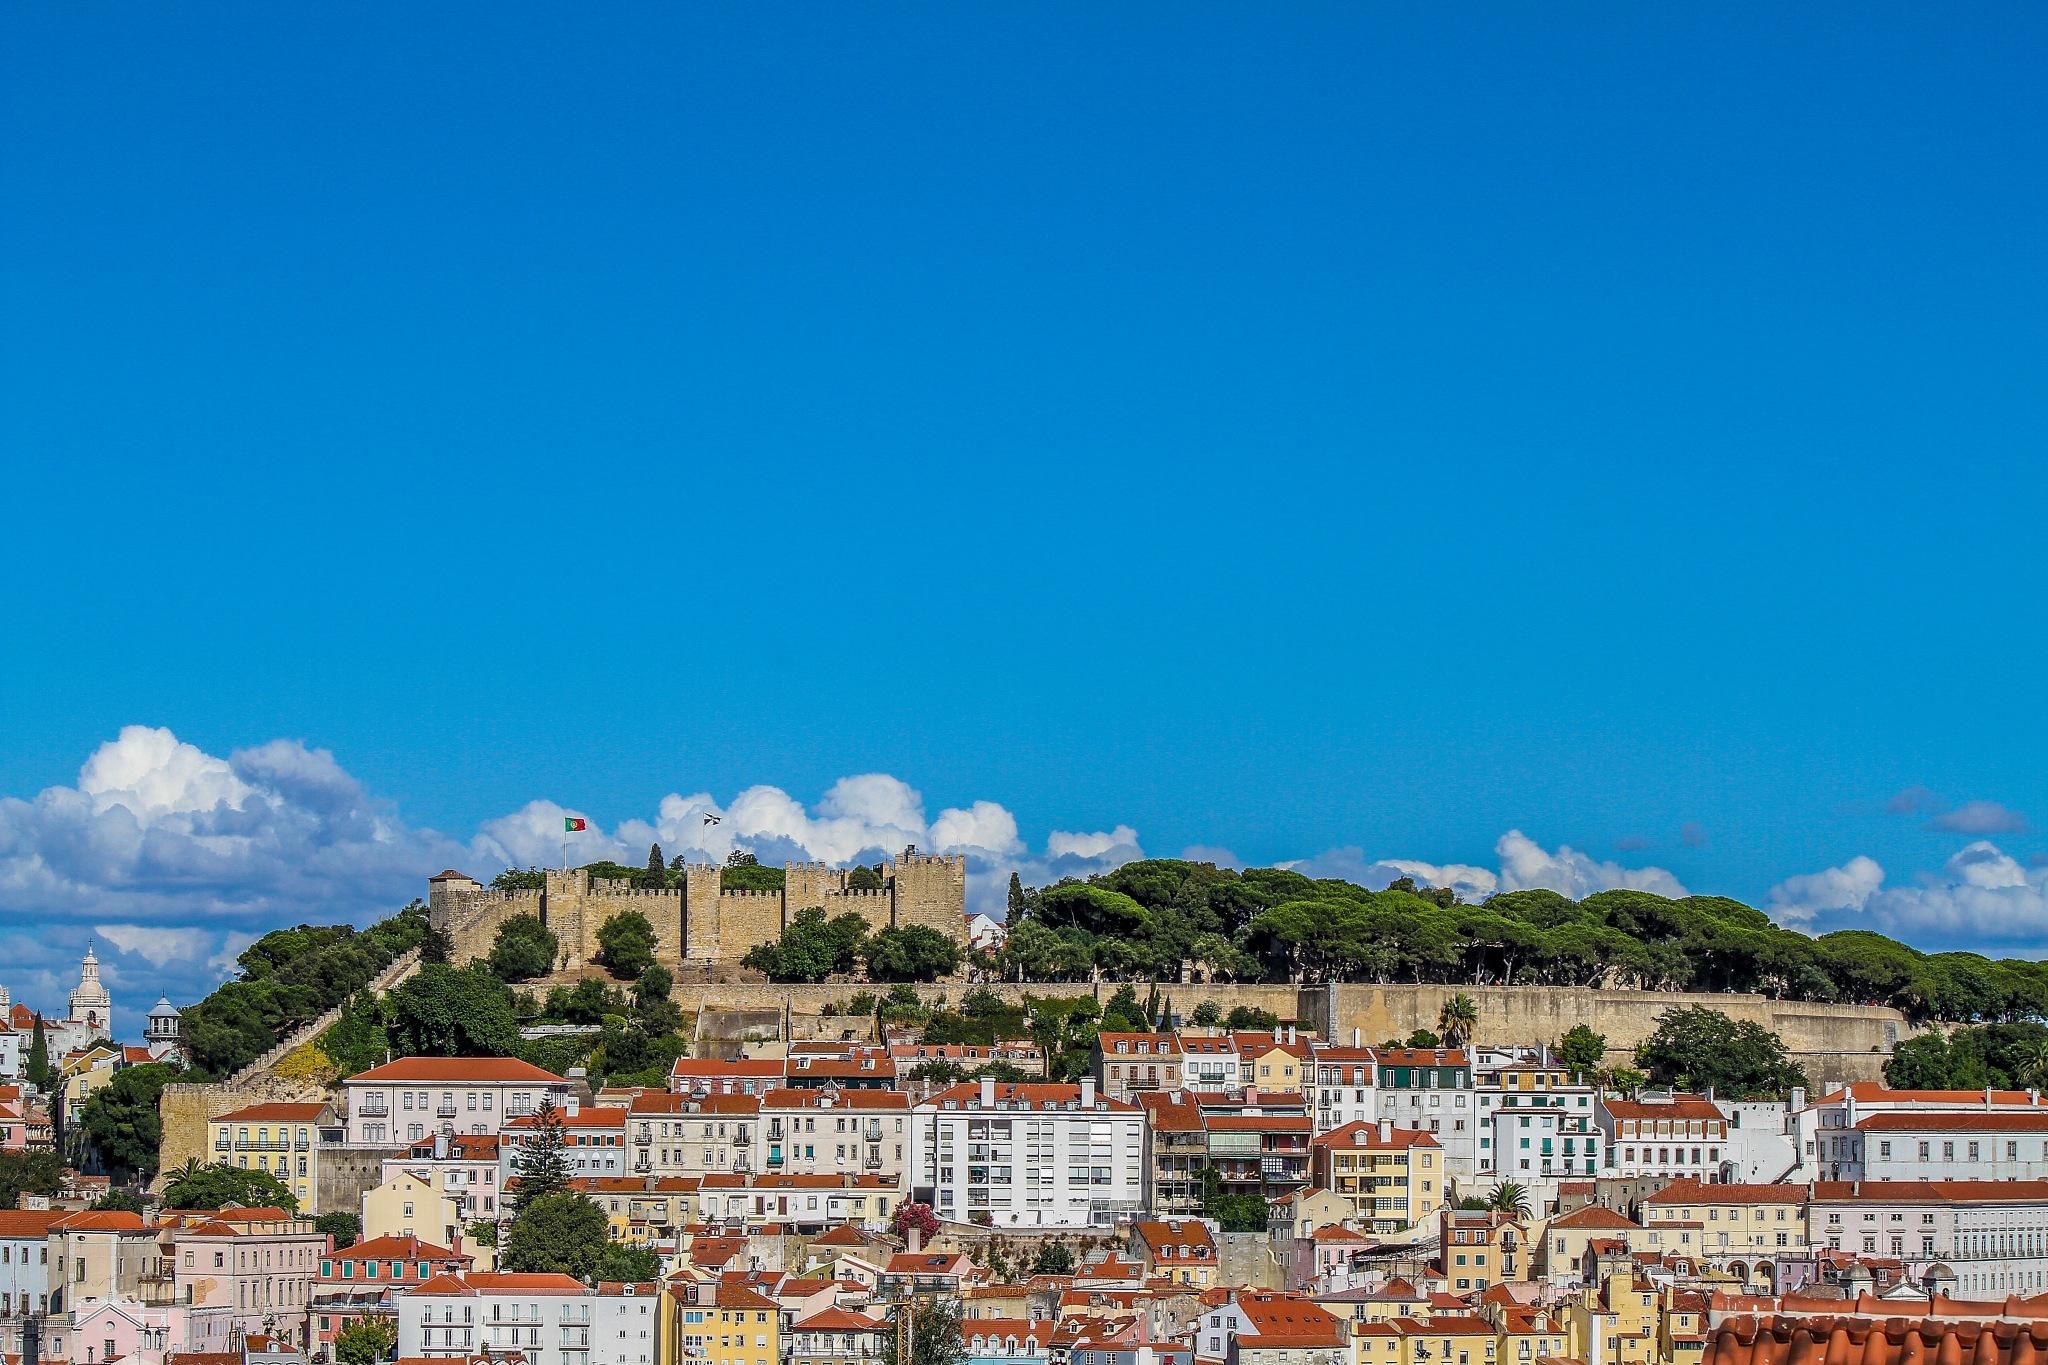 Castelo de S. Jorge _ Lisboa by FernandoLopes